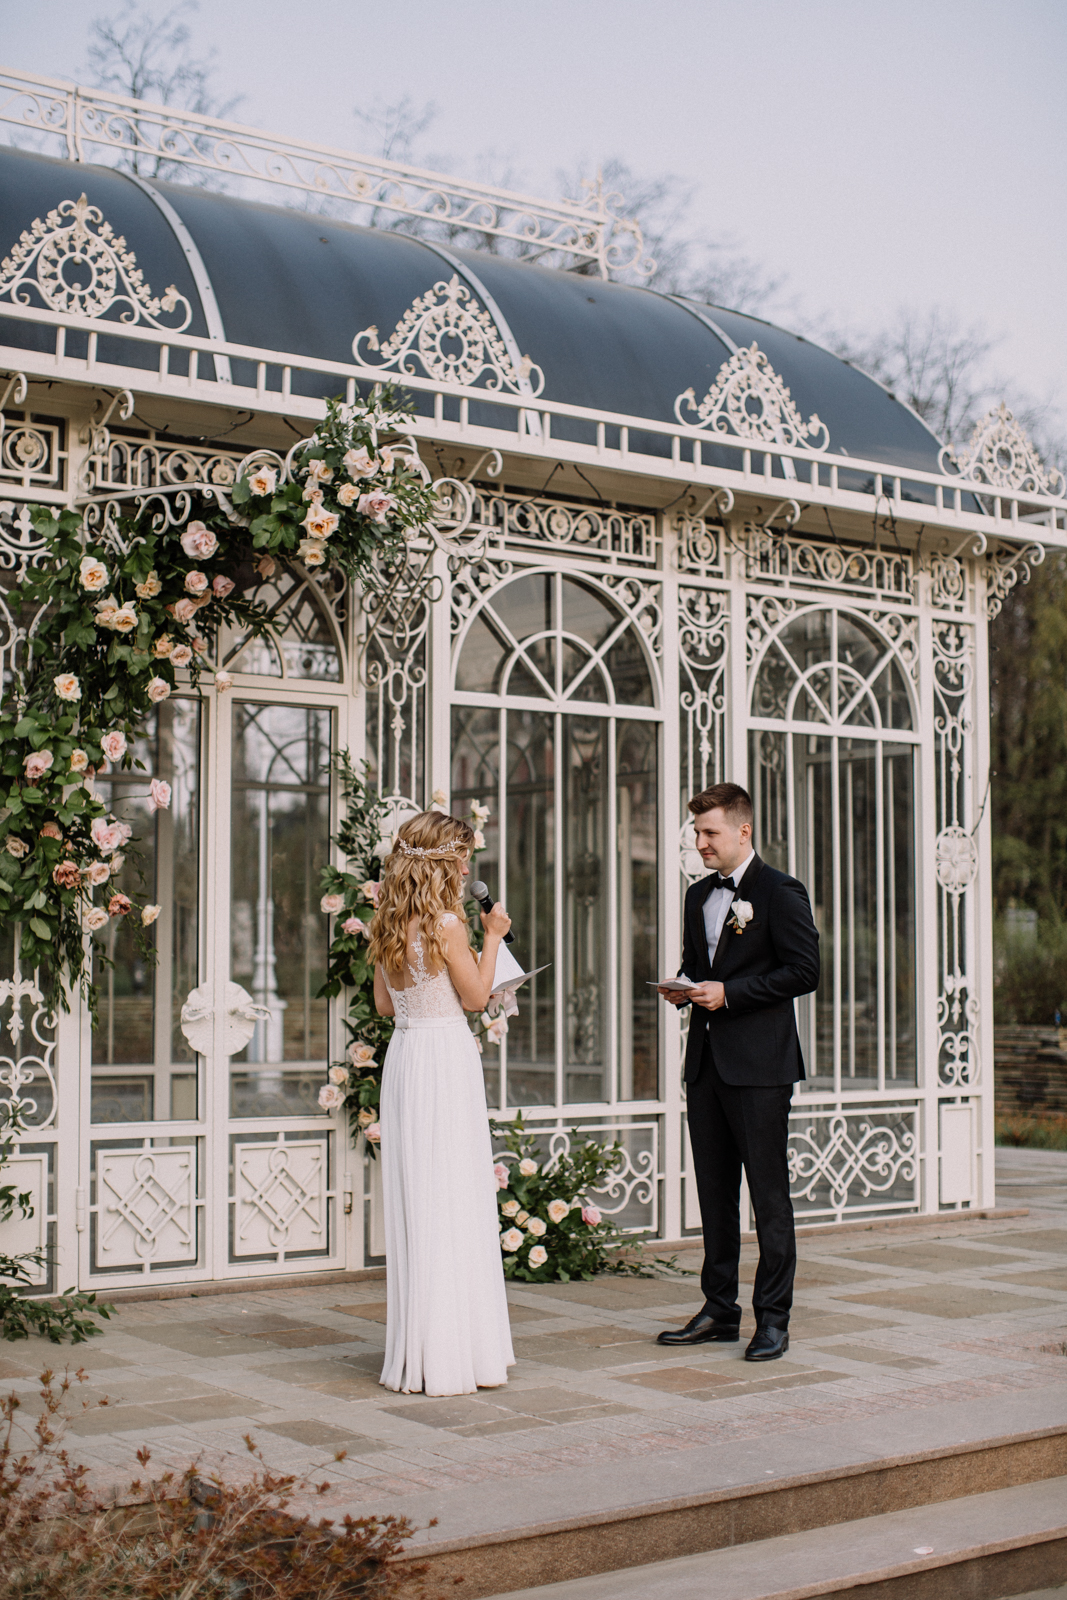 Вилла Ротонда. Свадебная церемония.